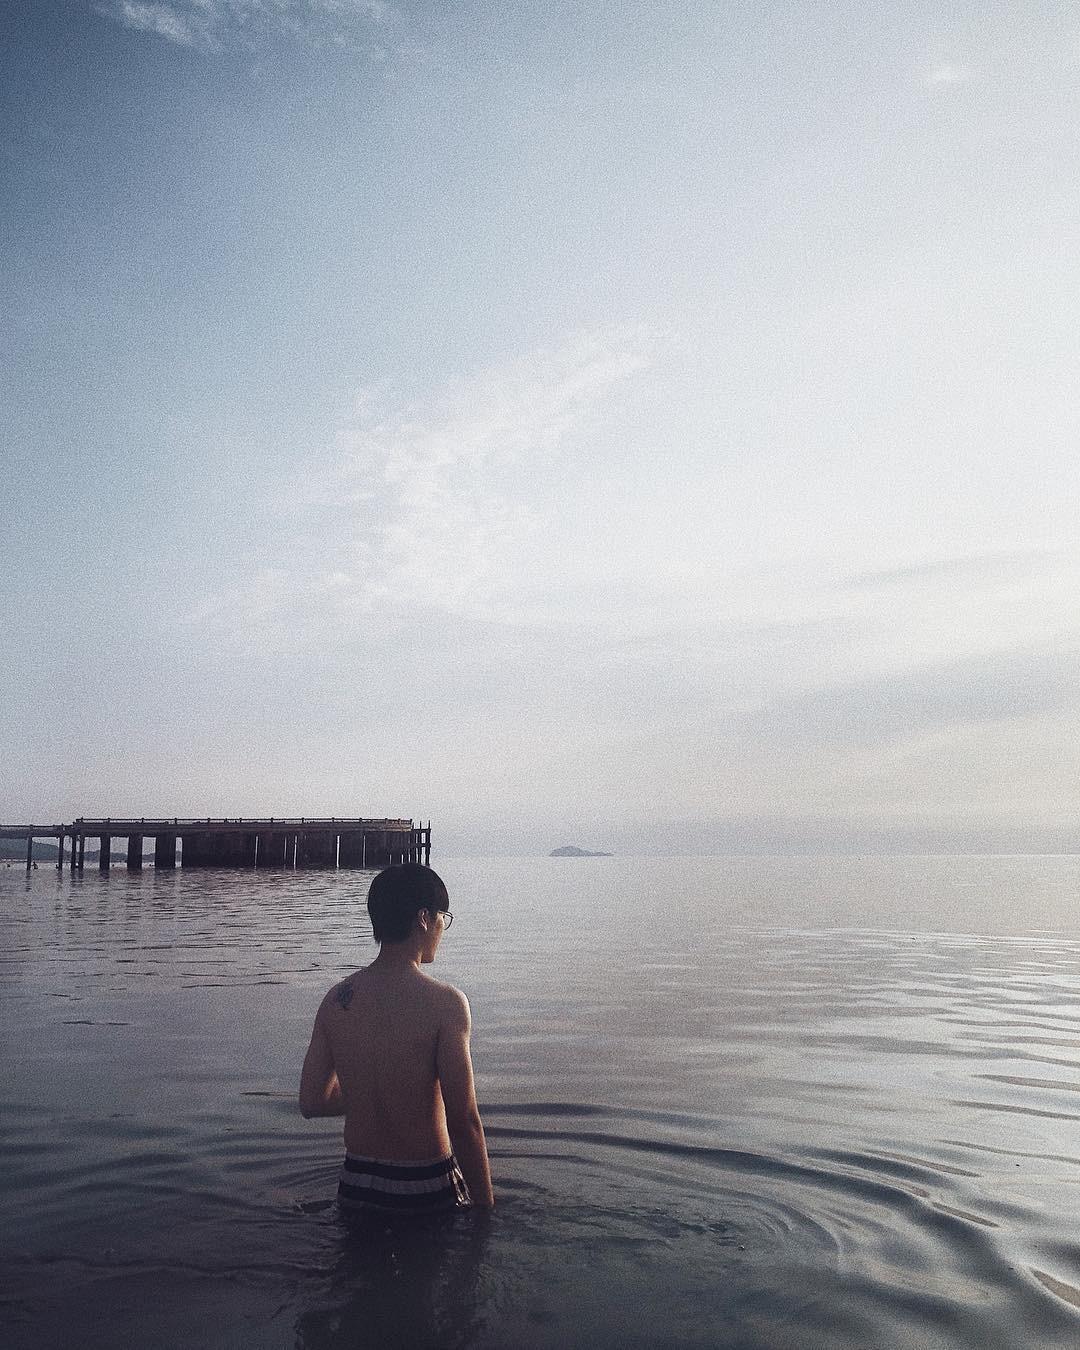 Không thể ngờ ở ngay gần Hà Nội cũng có khu cầu cảng trắng muốt mang hơi thở châu Âu thế này - Ảnh 16.